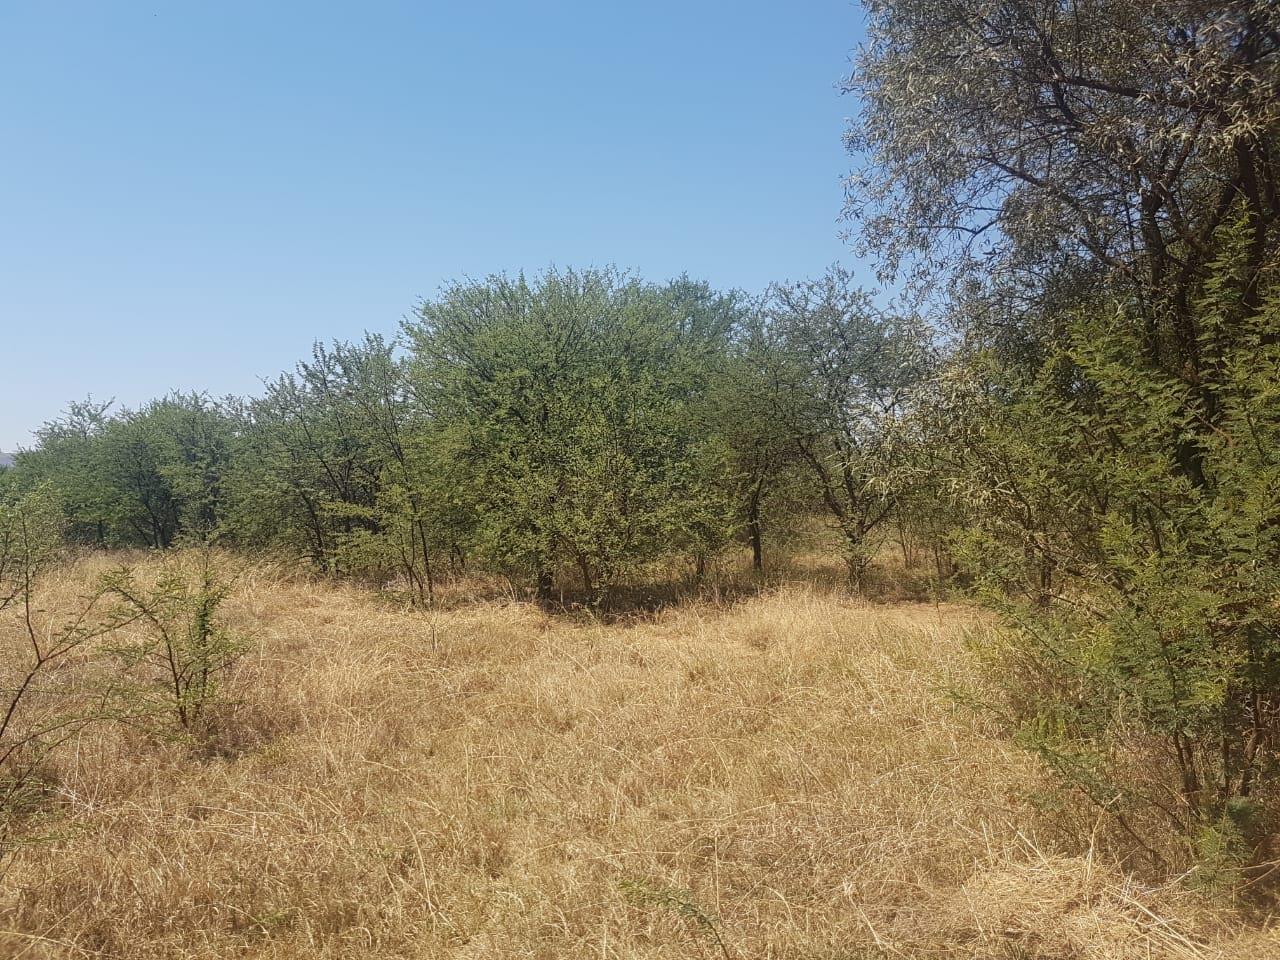 Land in Hartebeestfontein For Sale